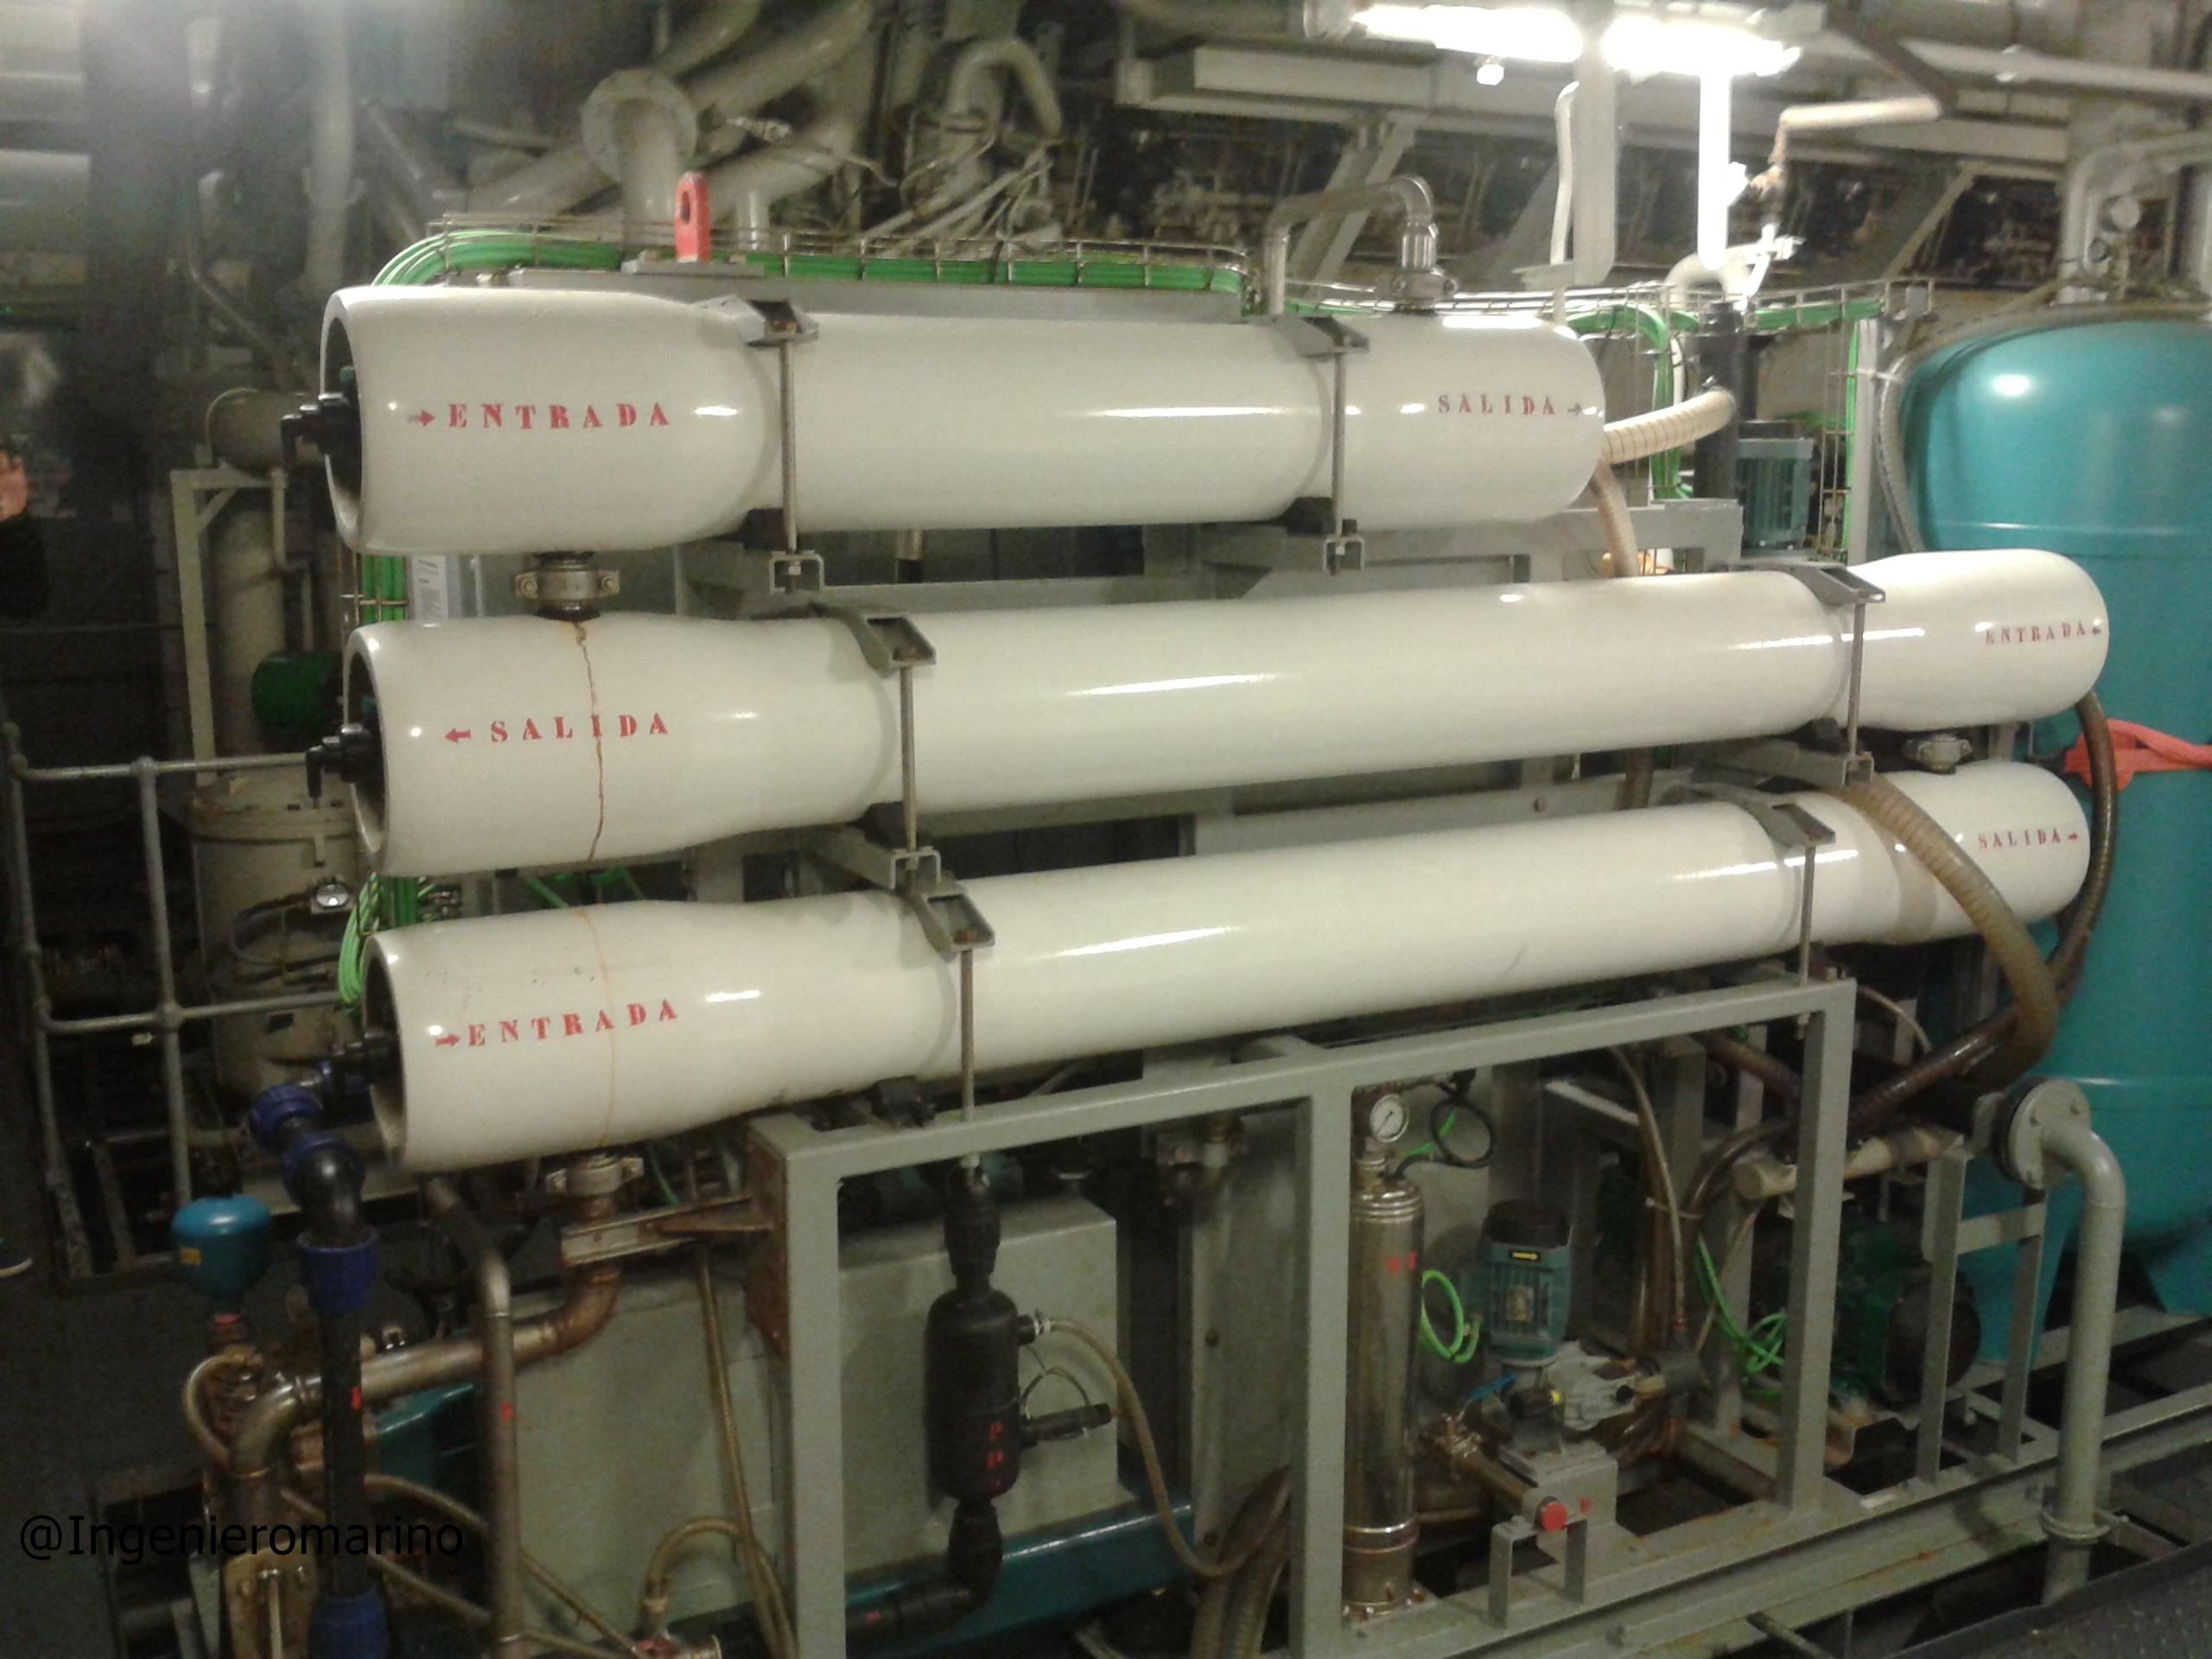 Sistema de Ósmosis Inversa a bordo